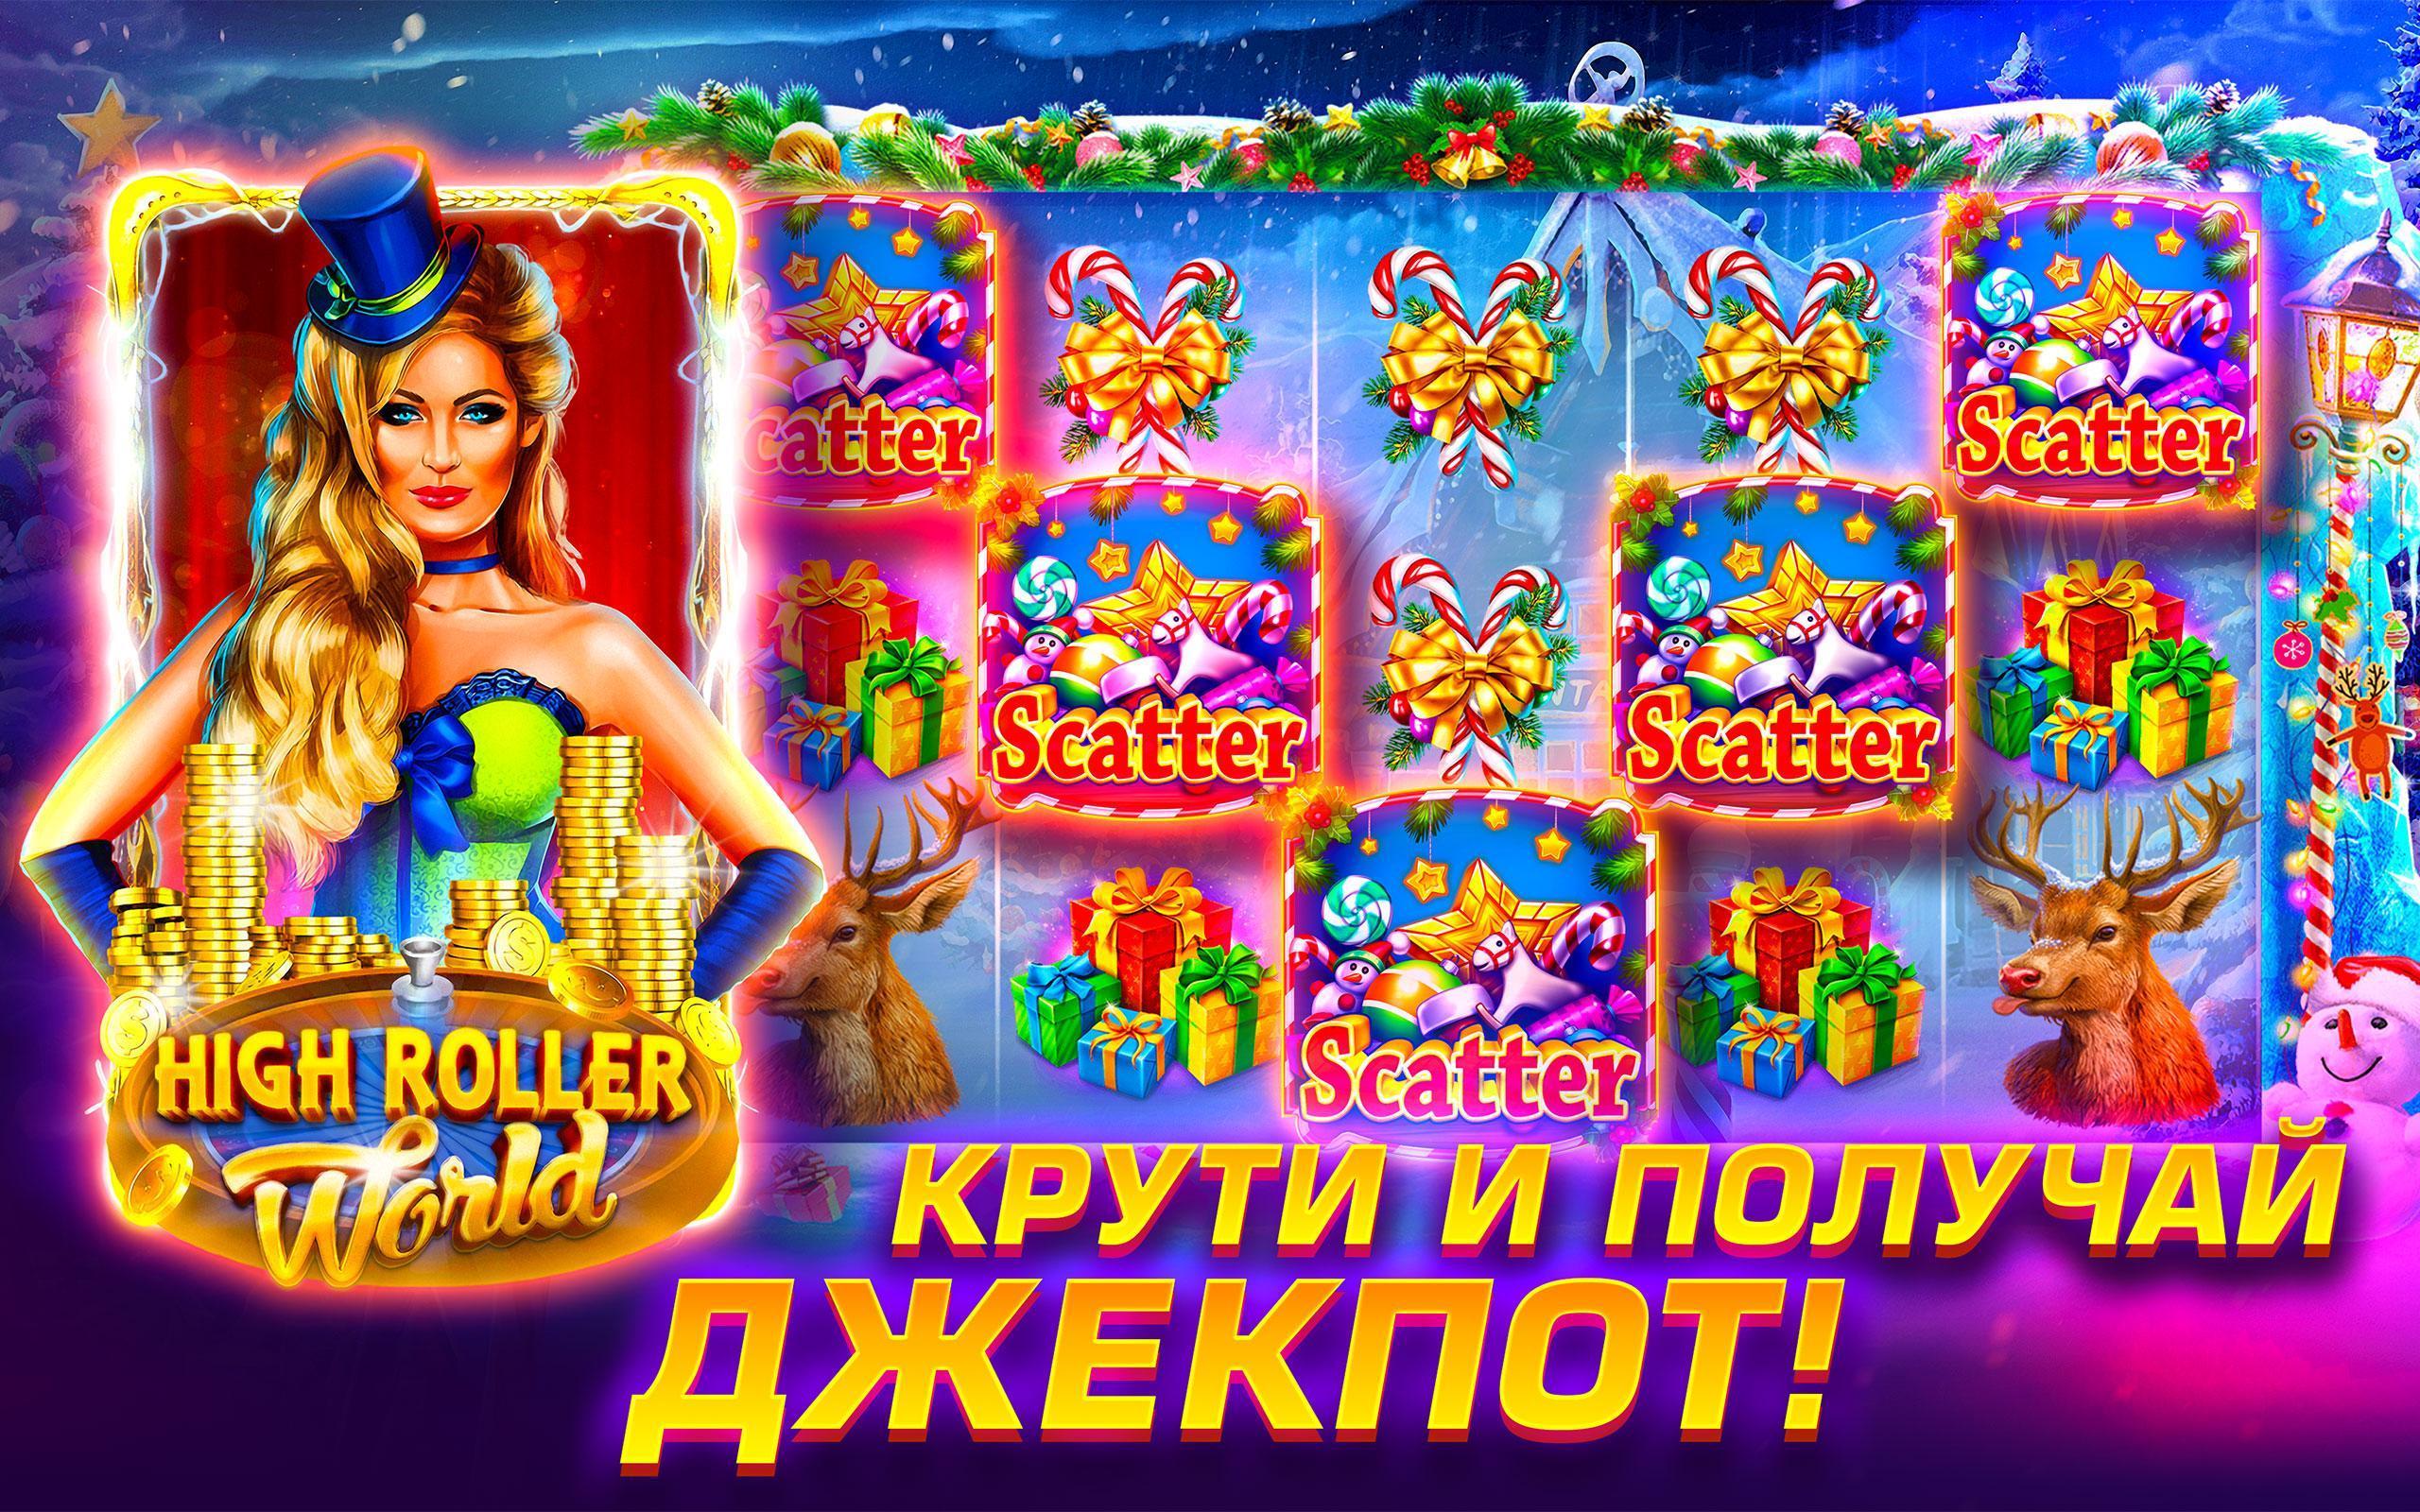 Слоты автоматы скачать бесплатно карты деньги два ствола какой покер играли